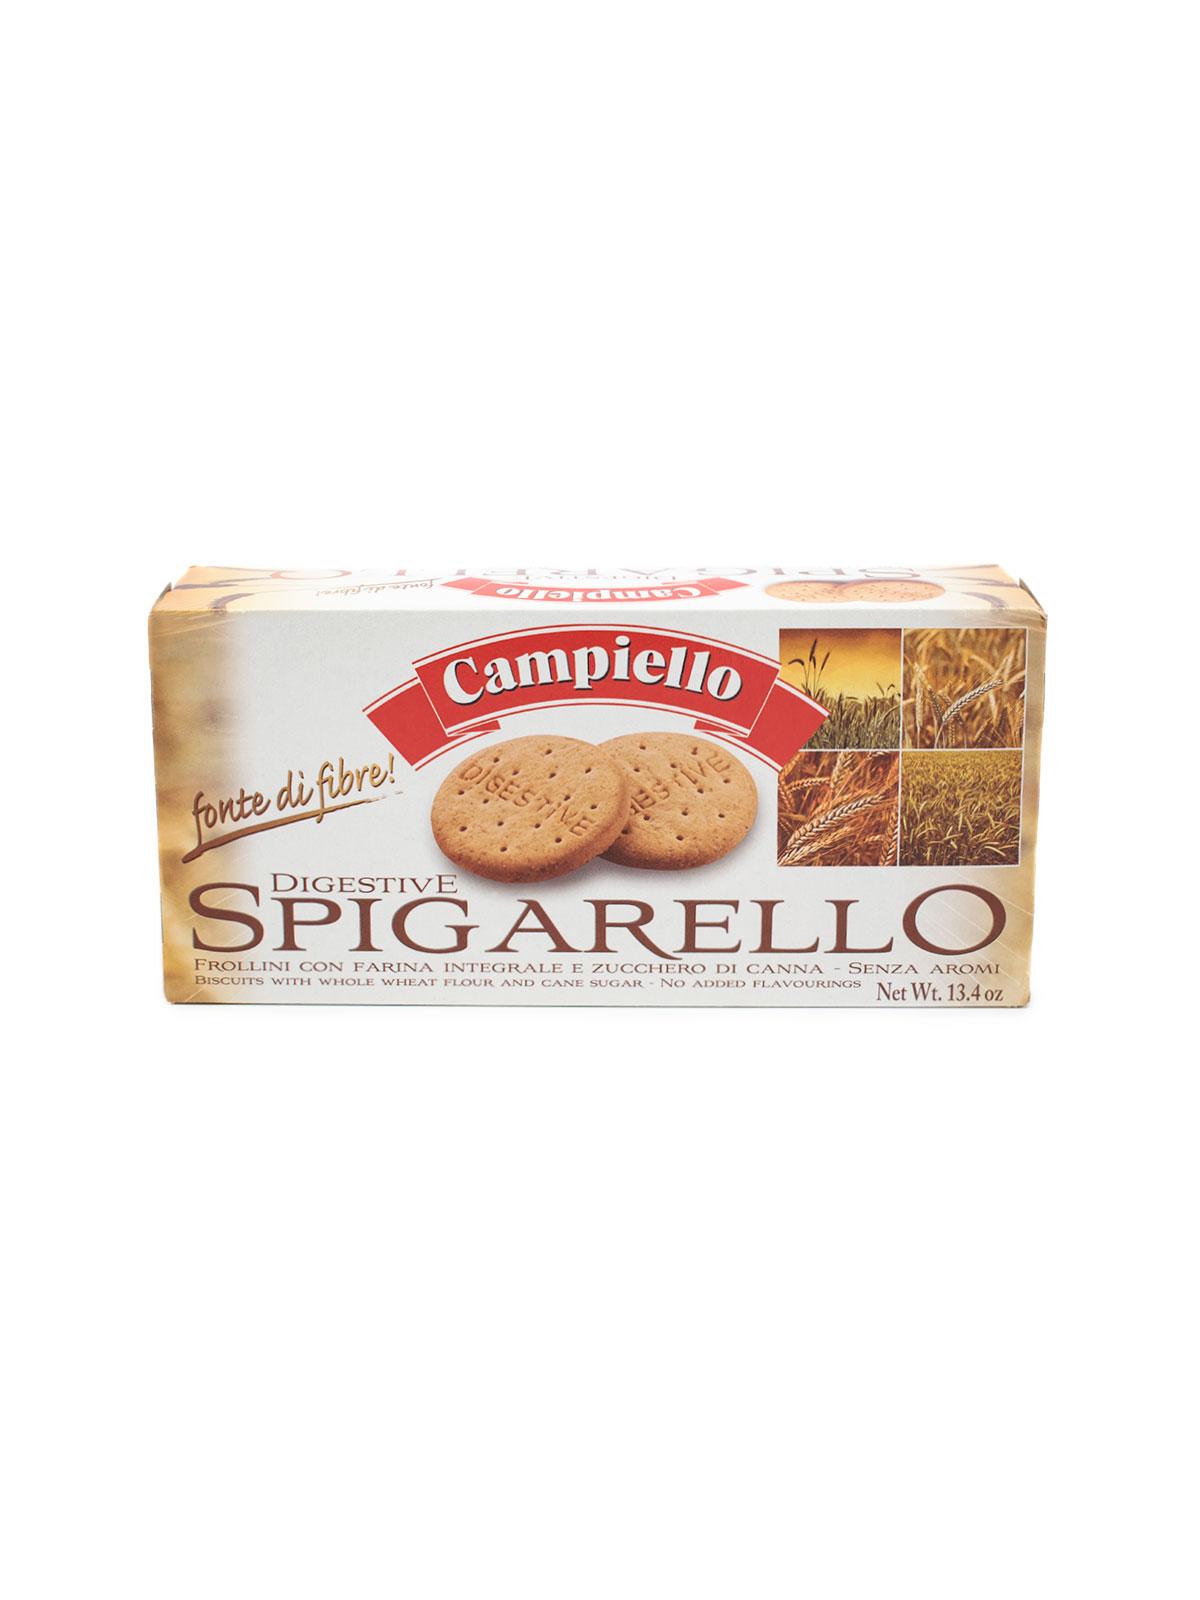 Spigarello Digestive - Sweets, Treats & Snacks - Buon'Italia